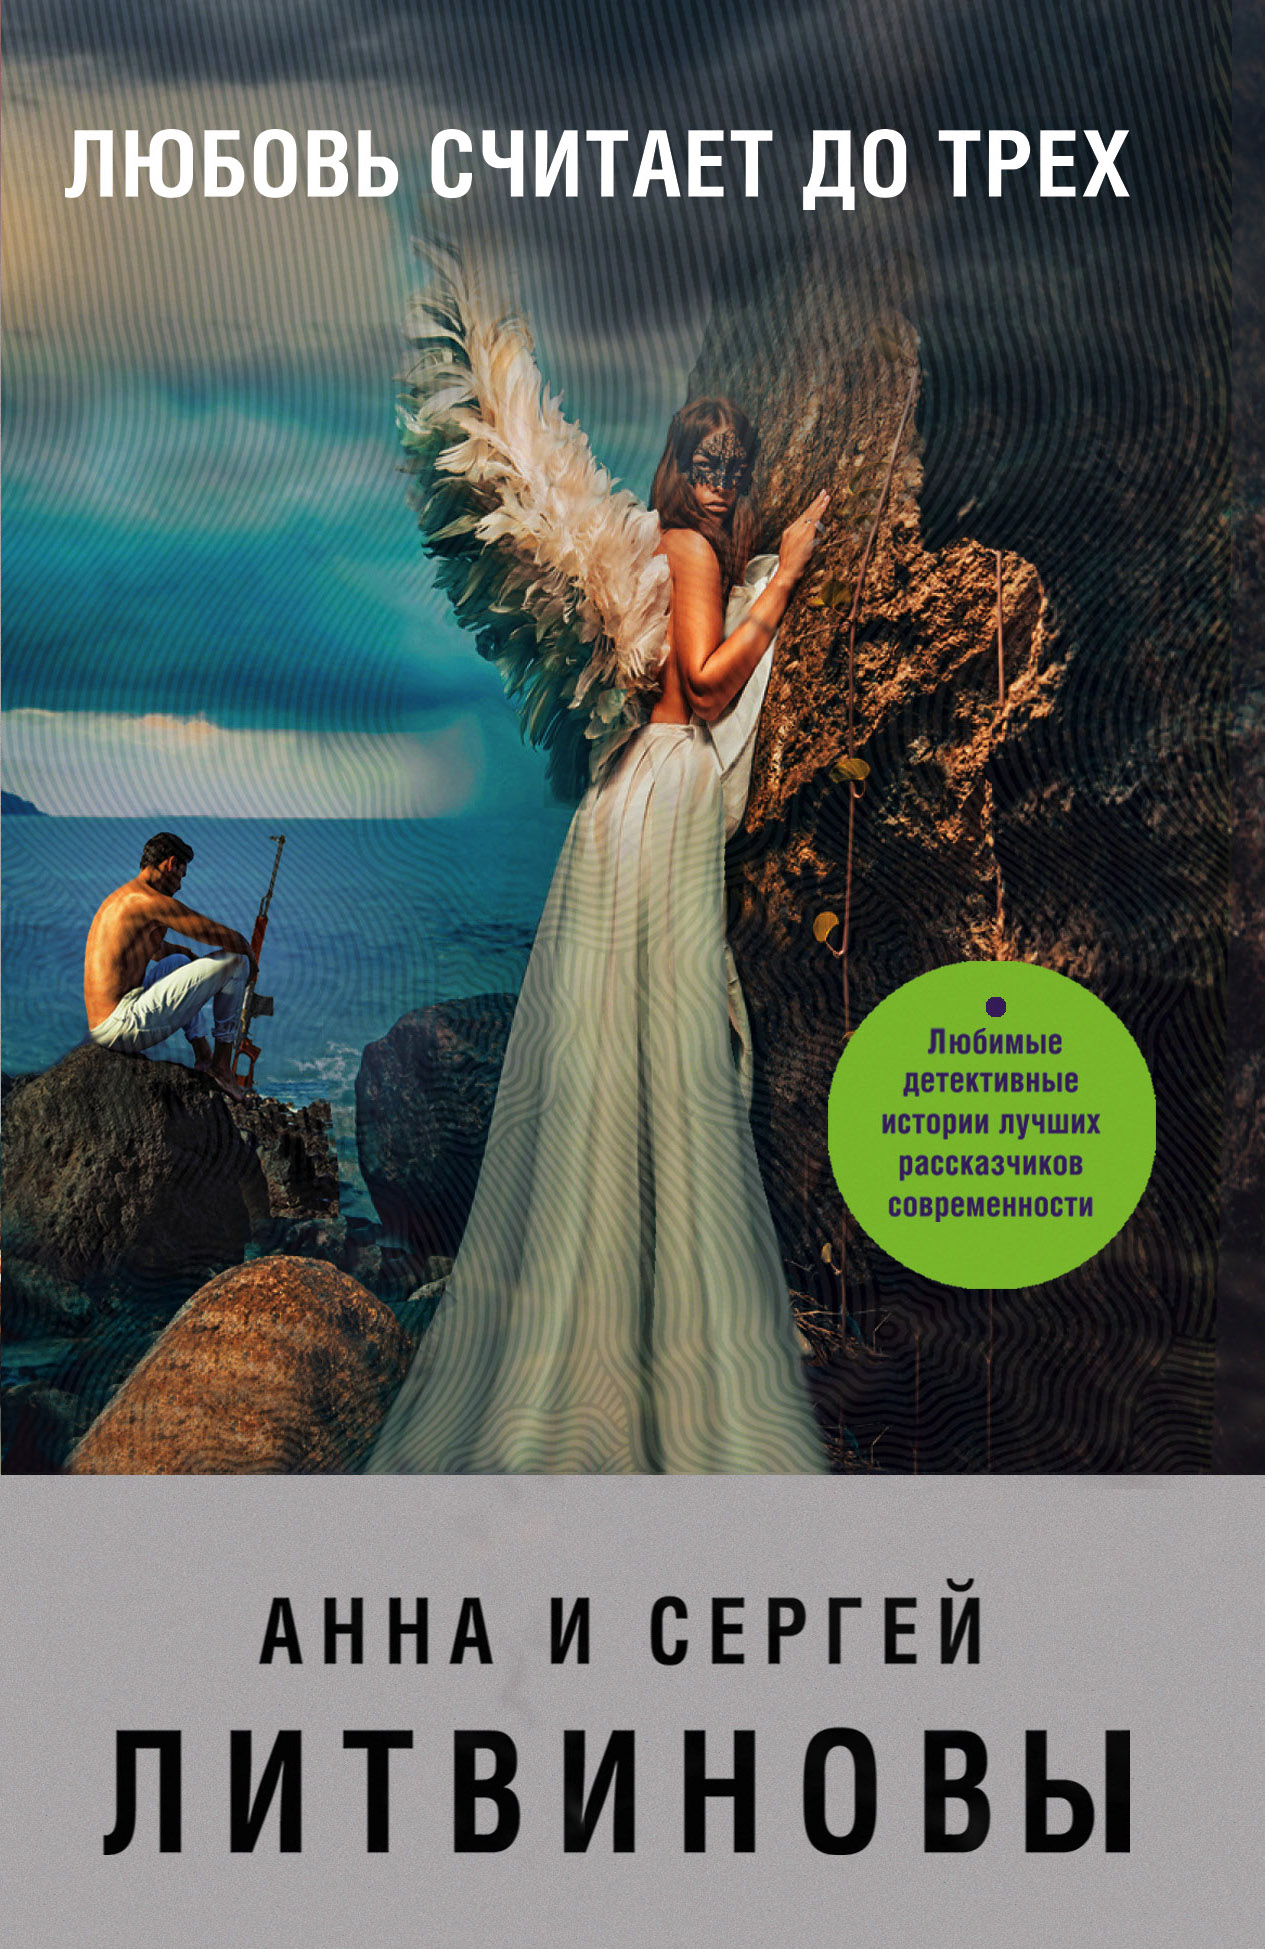 Анна и Сергей Литвиновы Любовь считает до трех (сборник) любовь и страсть в библии